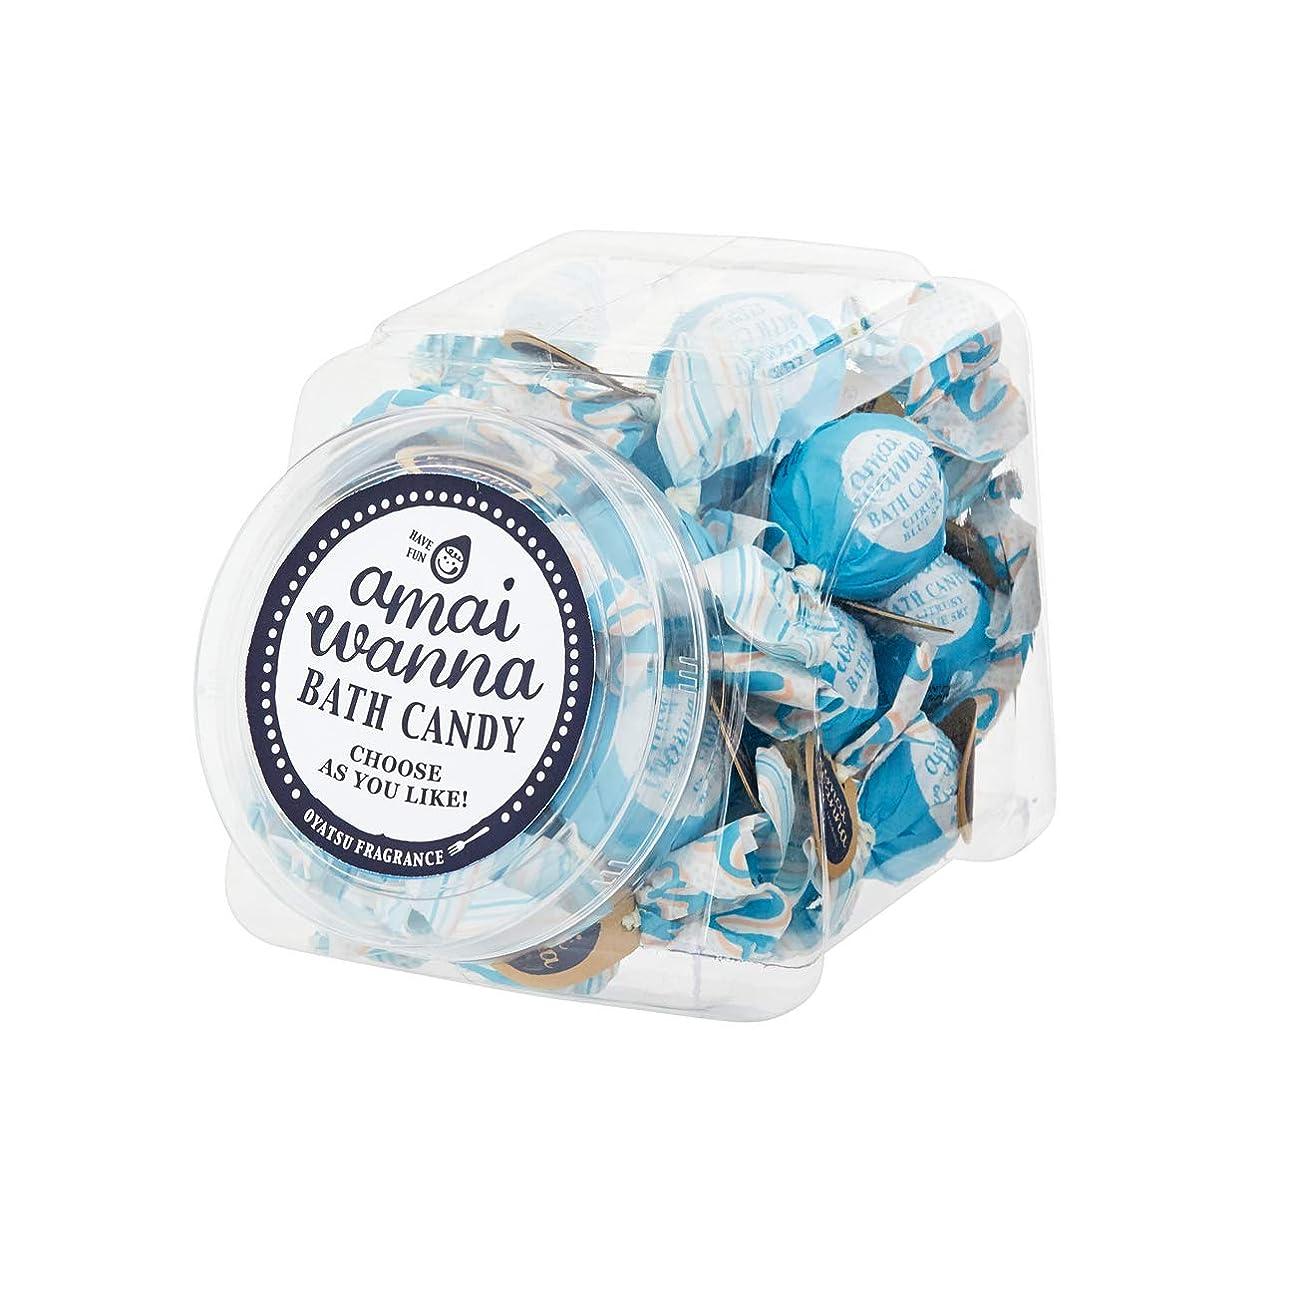 人きちんとした蒸発するアマイワナSP バスキャンディーポットセット24粒入り(青空シトラス バスギフト キャンディーの形の入浴料 大人可愛い)